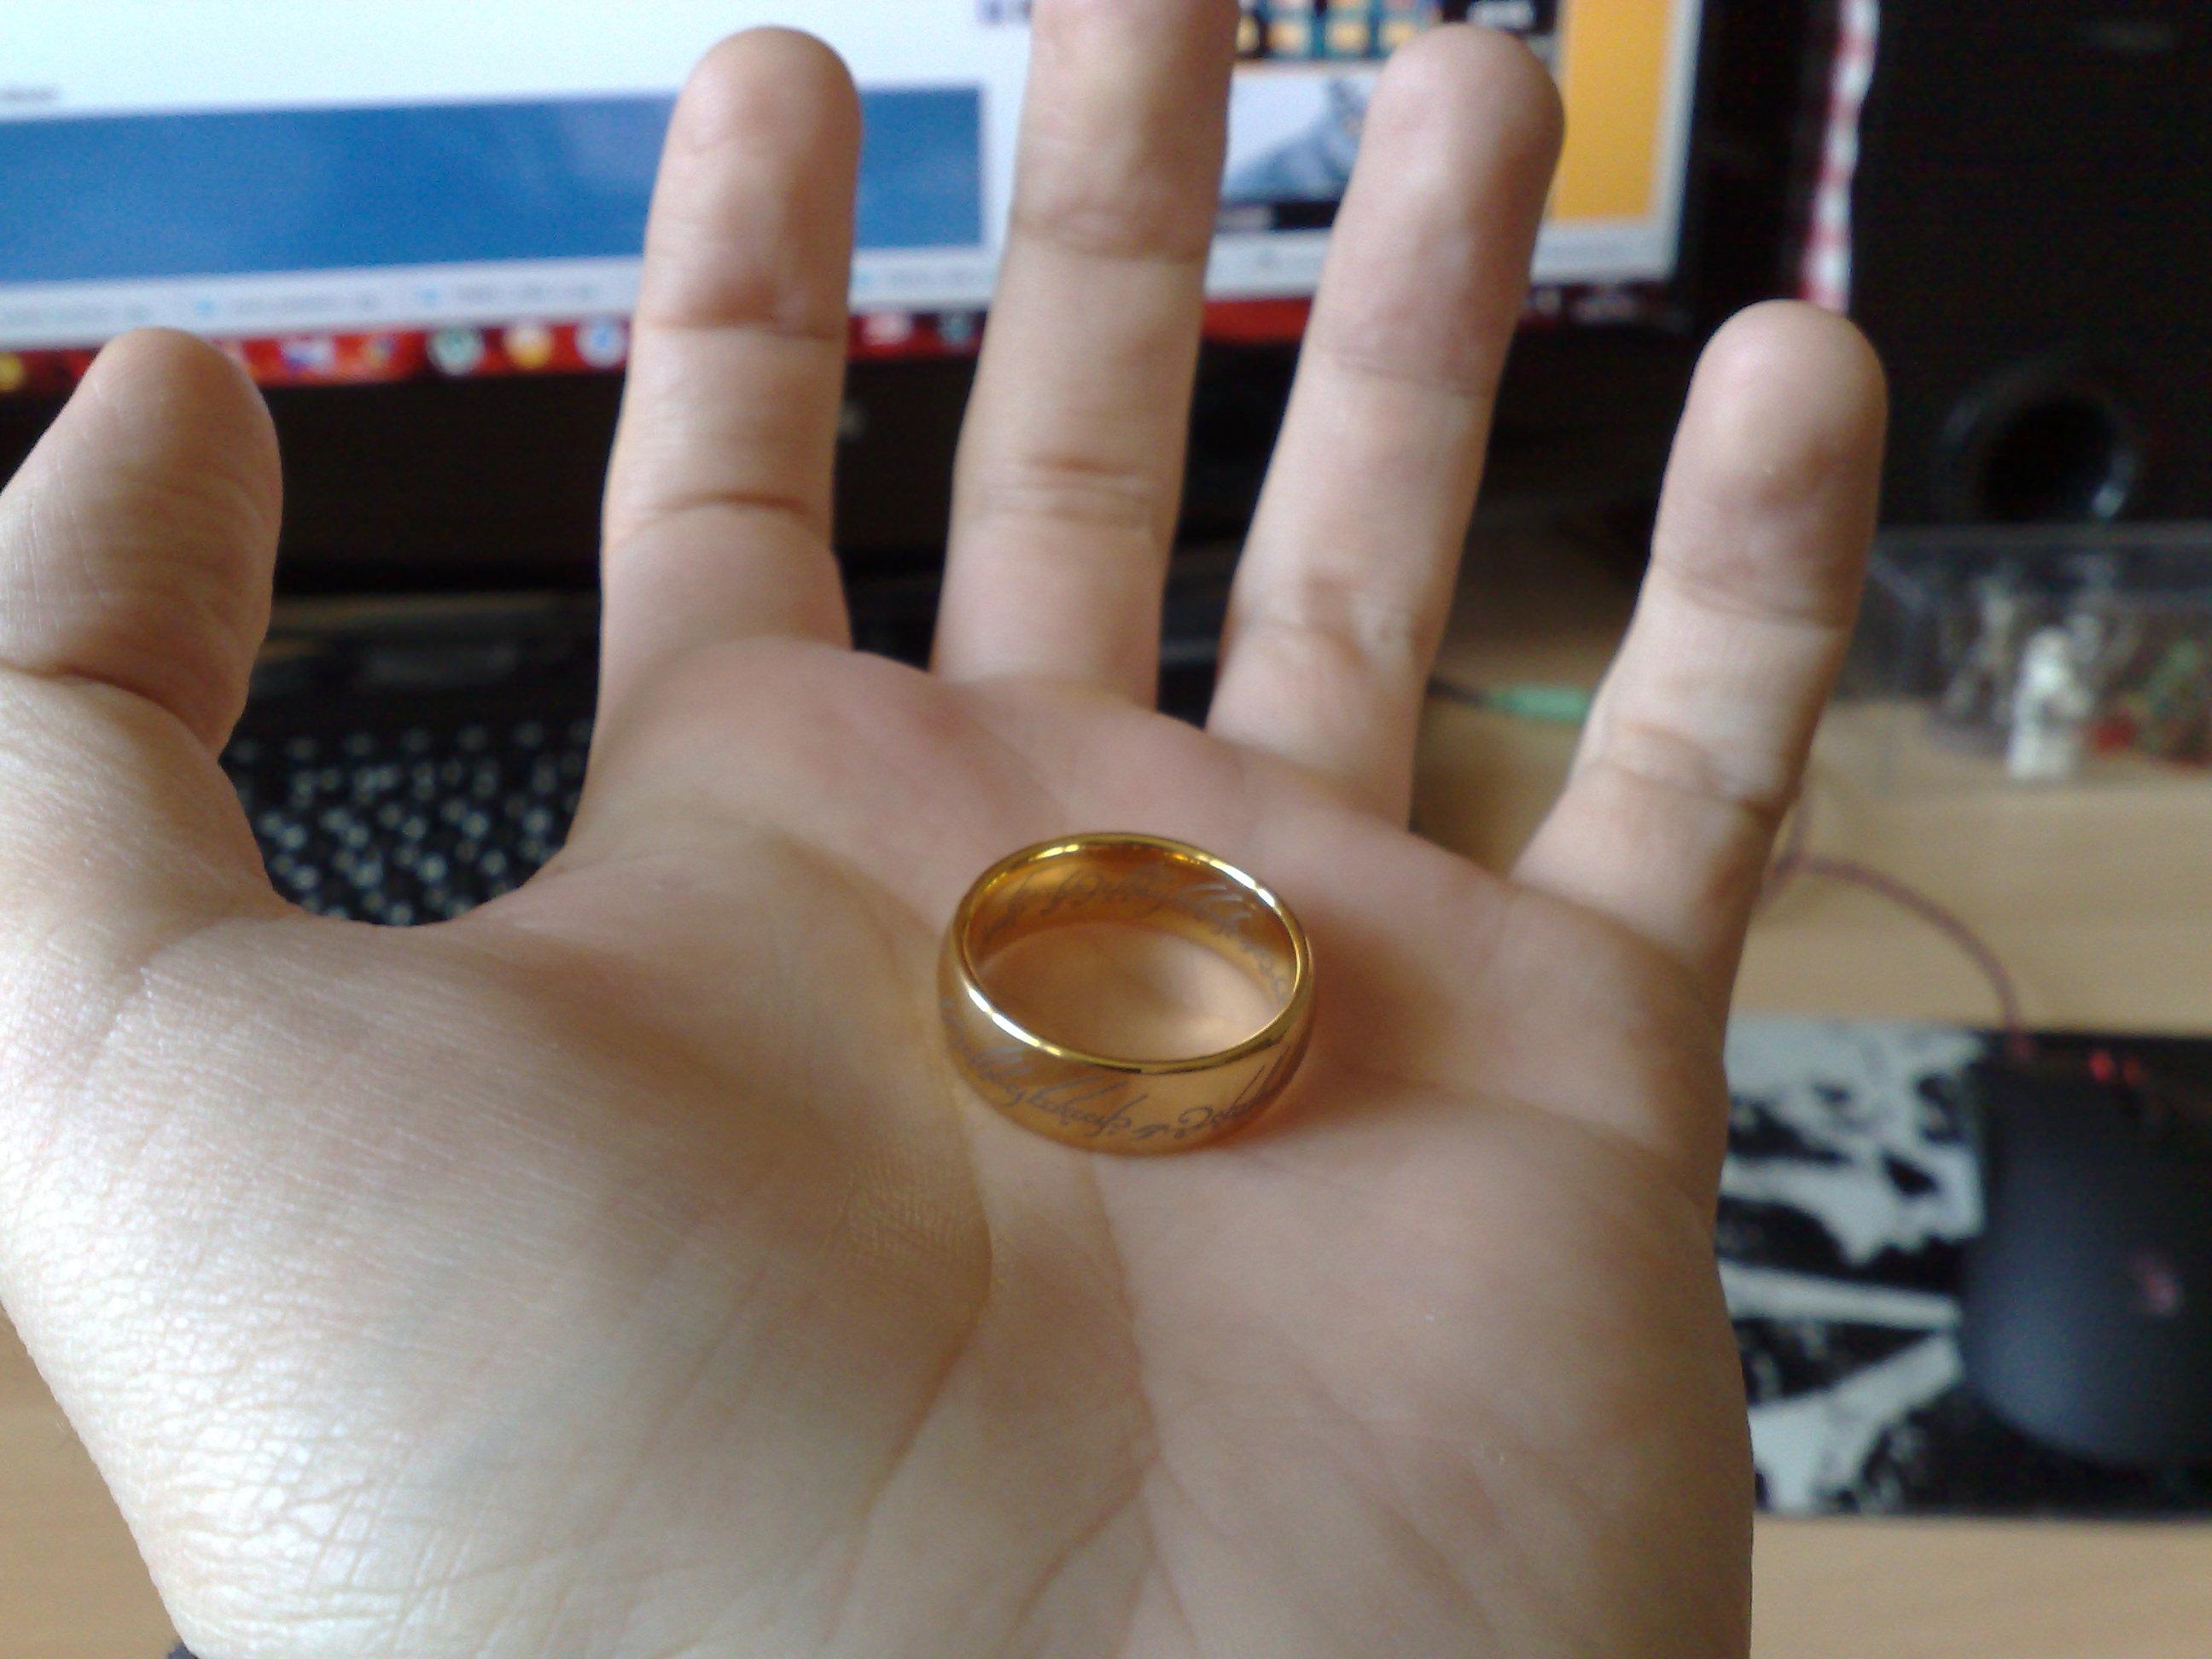 Тип материала  Кольцо Всевластия из фильма Властелин колец (Lord of the  Rings)   Обзор товаров, прикольные и необычные товары, вещи, штуки, ... 5a848bc3b4e